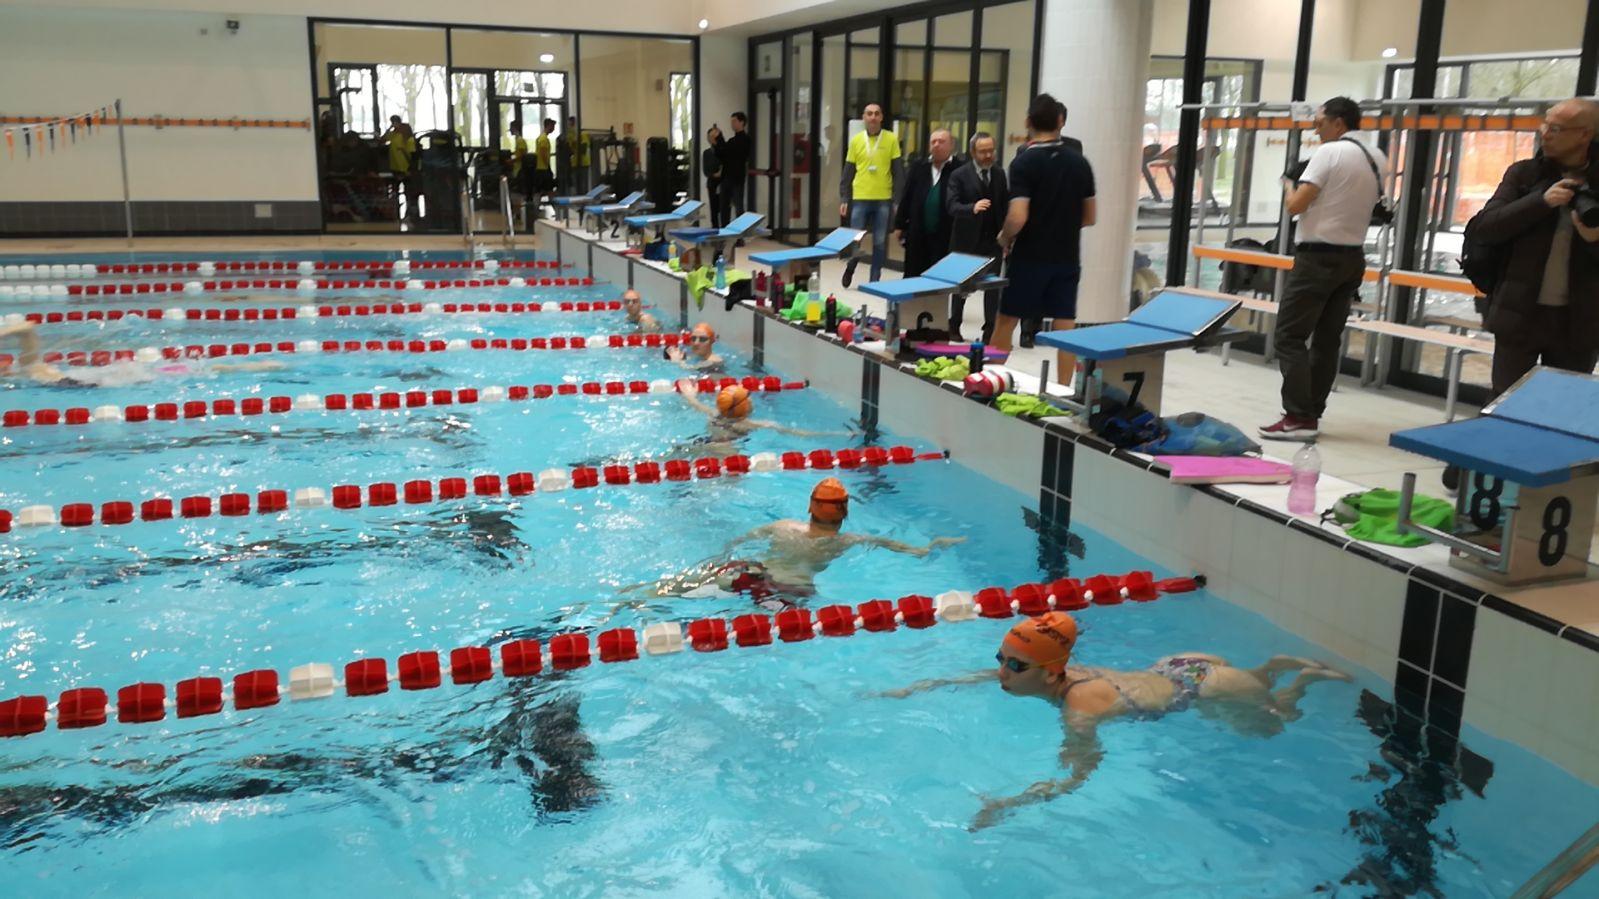 Carugate inaugurata la nuova piscina foto e video la martesana - Piscina brugherio ...